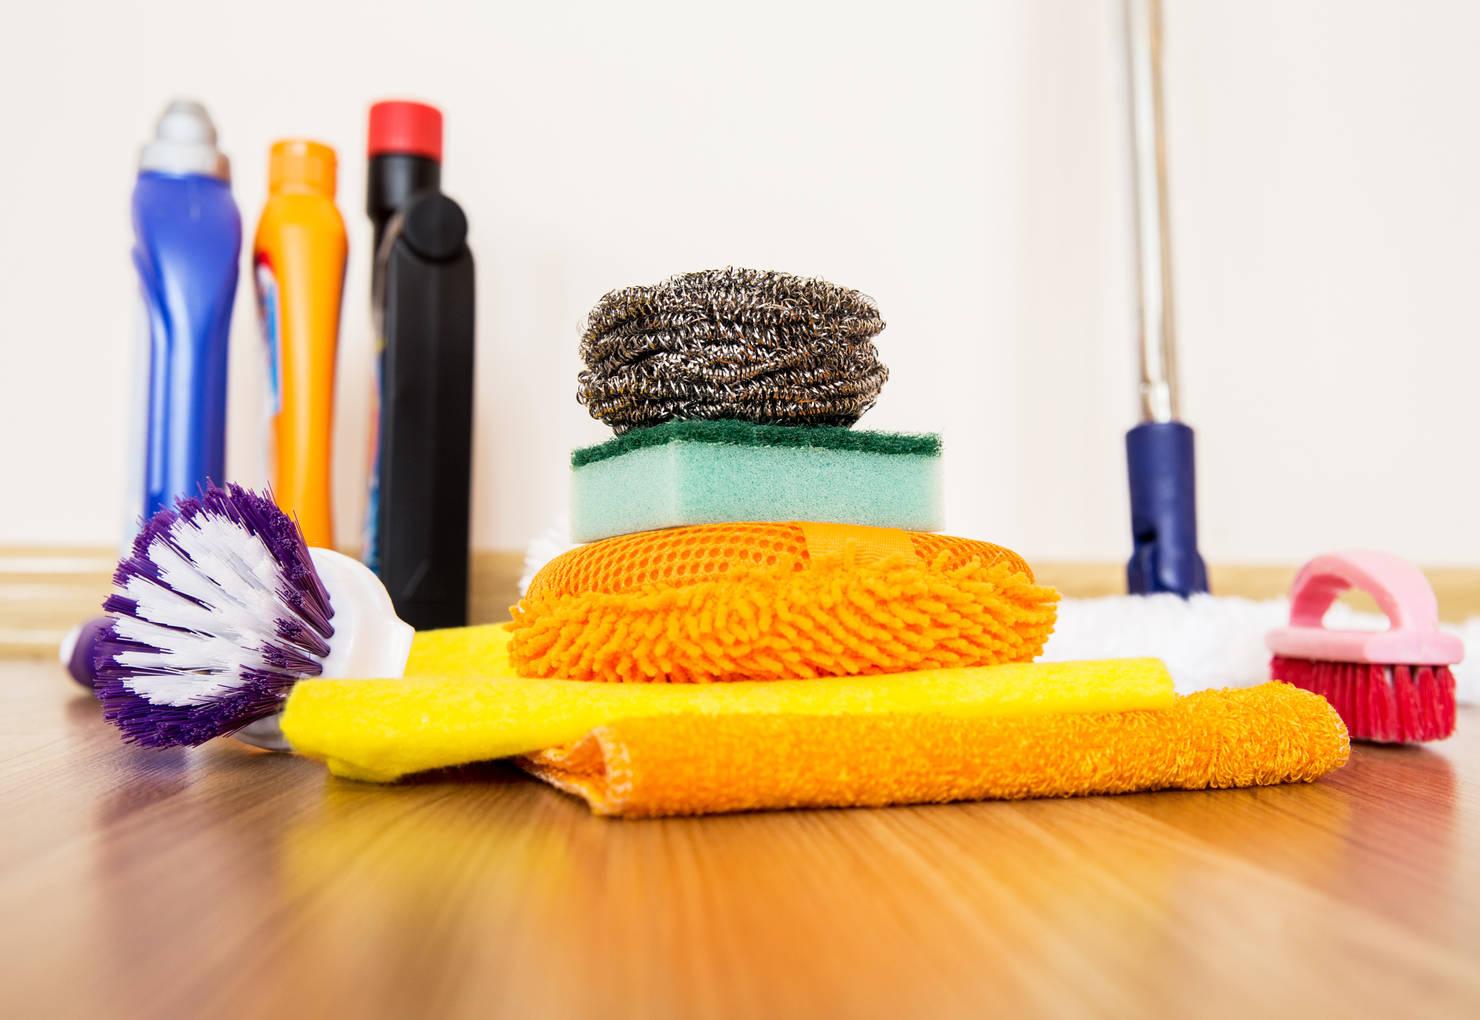 7 astuces pour nettoyer votre chez-vous comme un pro !